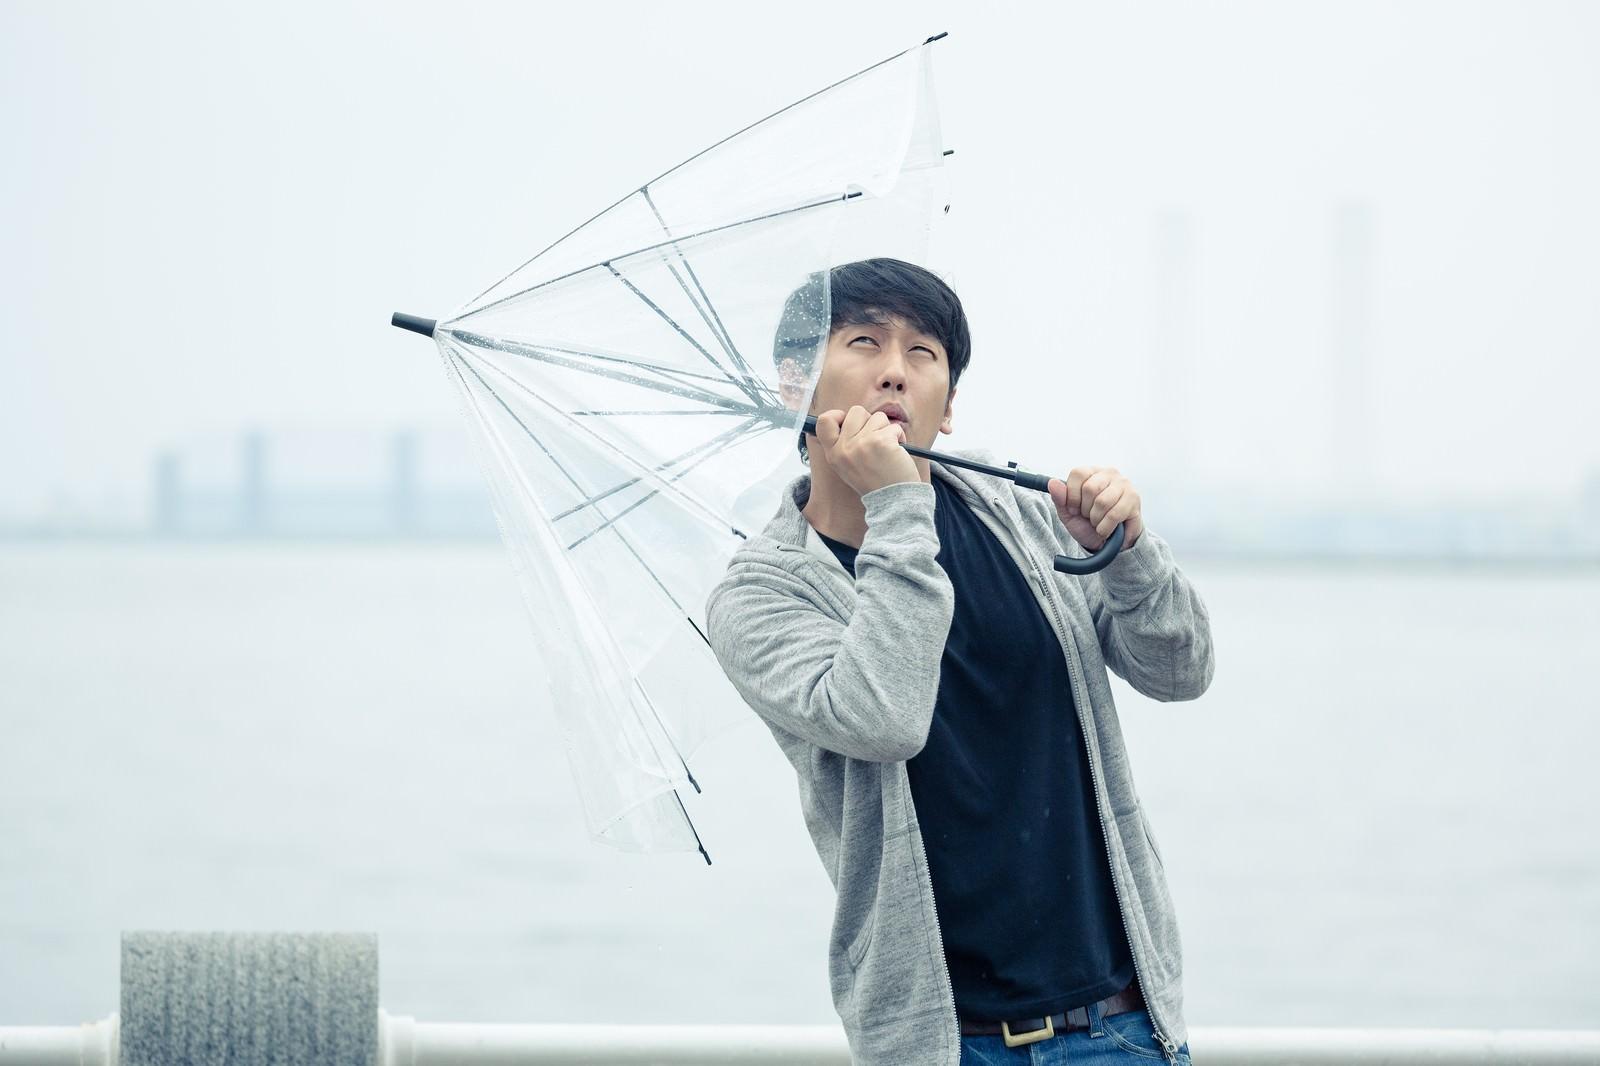 「強風で傘が持っていかれそうになる男性 | 写真の無料素材・フリー素材 - ぱくたそ」の写真[モデル:大川竜弥]